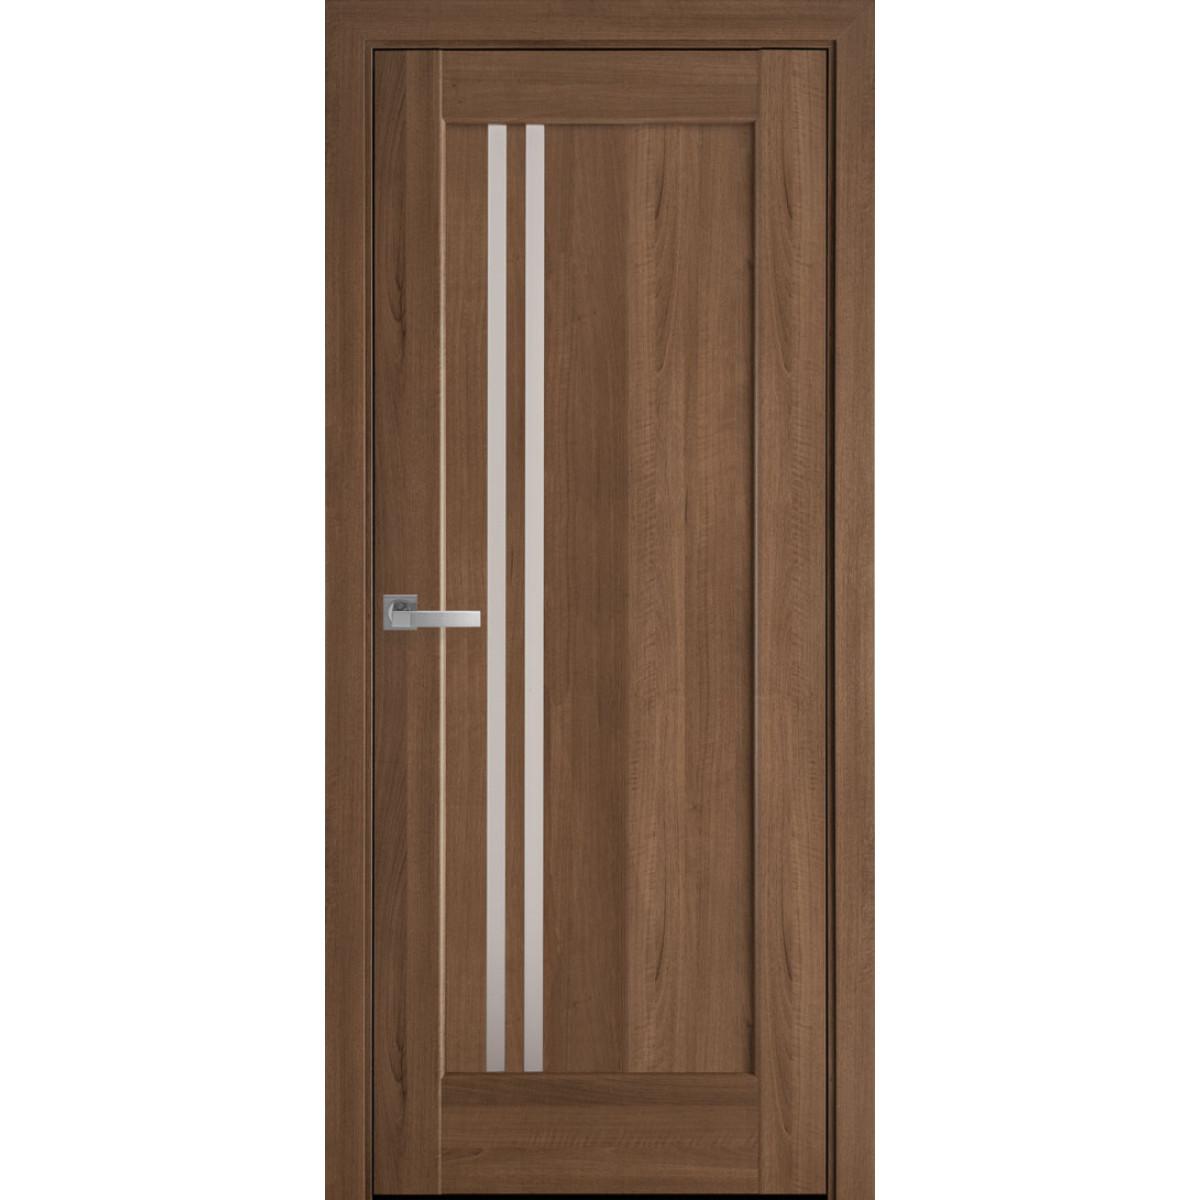 Межкомнатная дверь Делла золотая ольха ПВХ Новый стиль